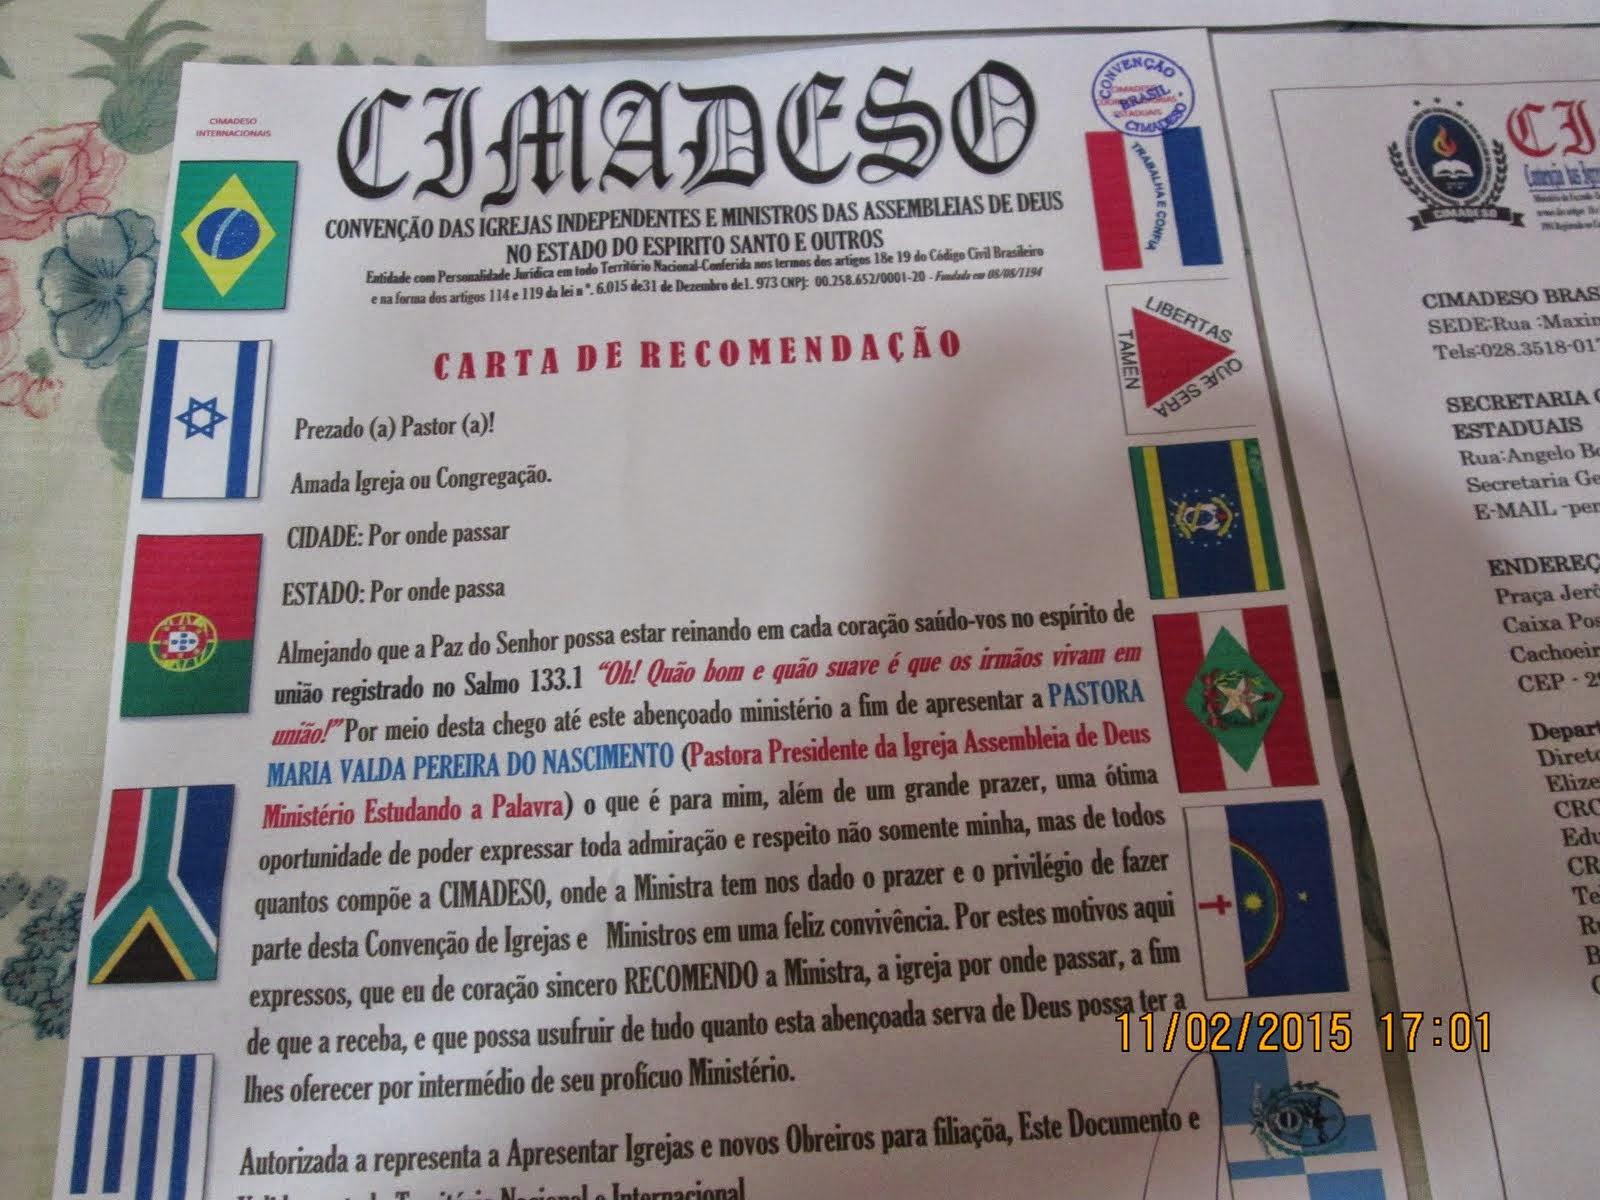 CARTA DE RECOMENDAÇÃO